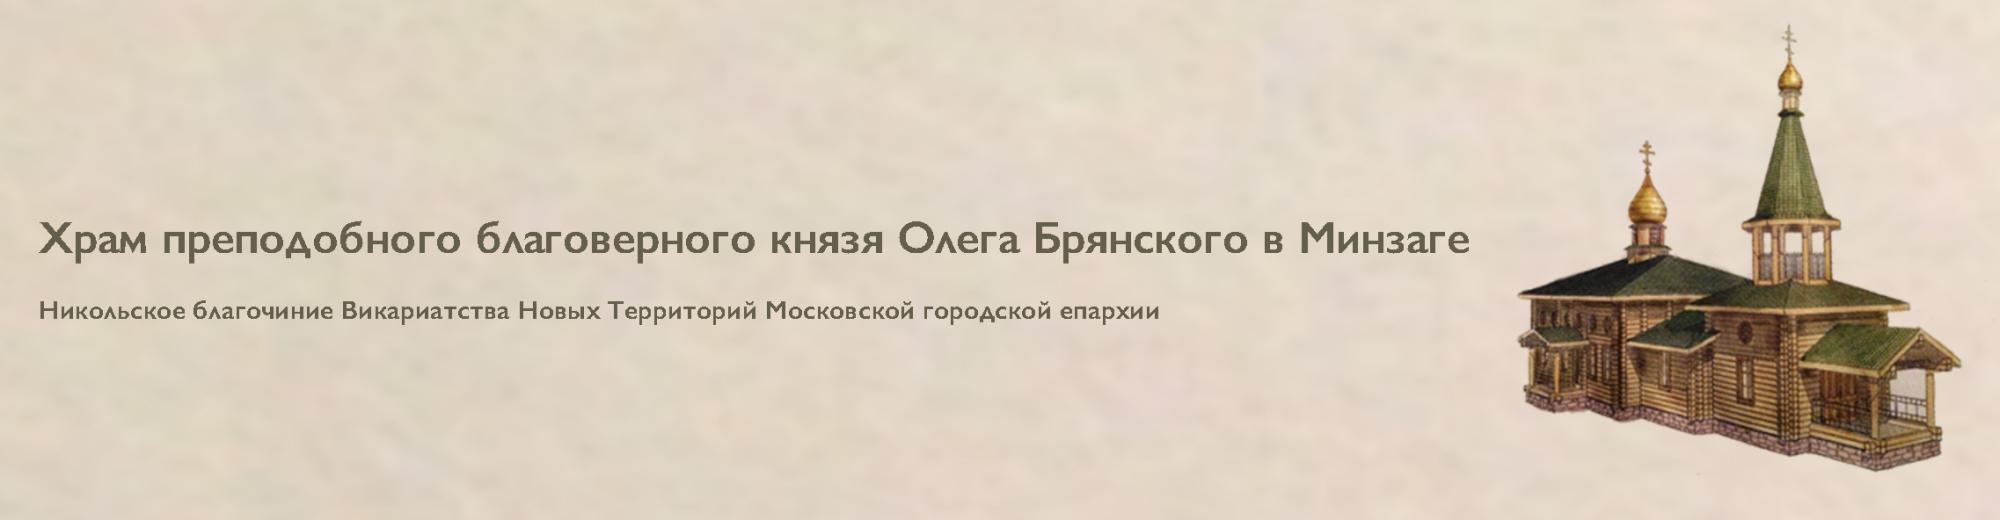 Храм преподобного благоверного князя Олега Брянского в Минзаге